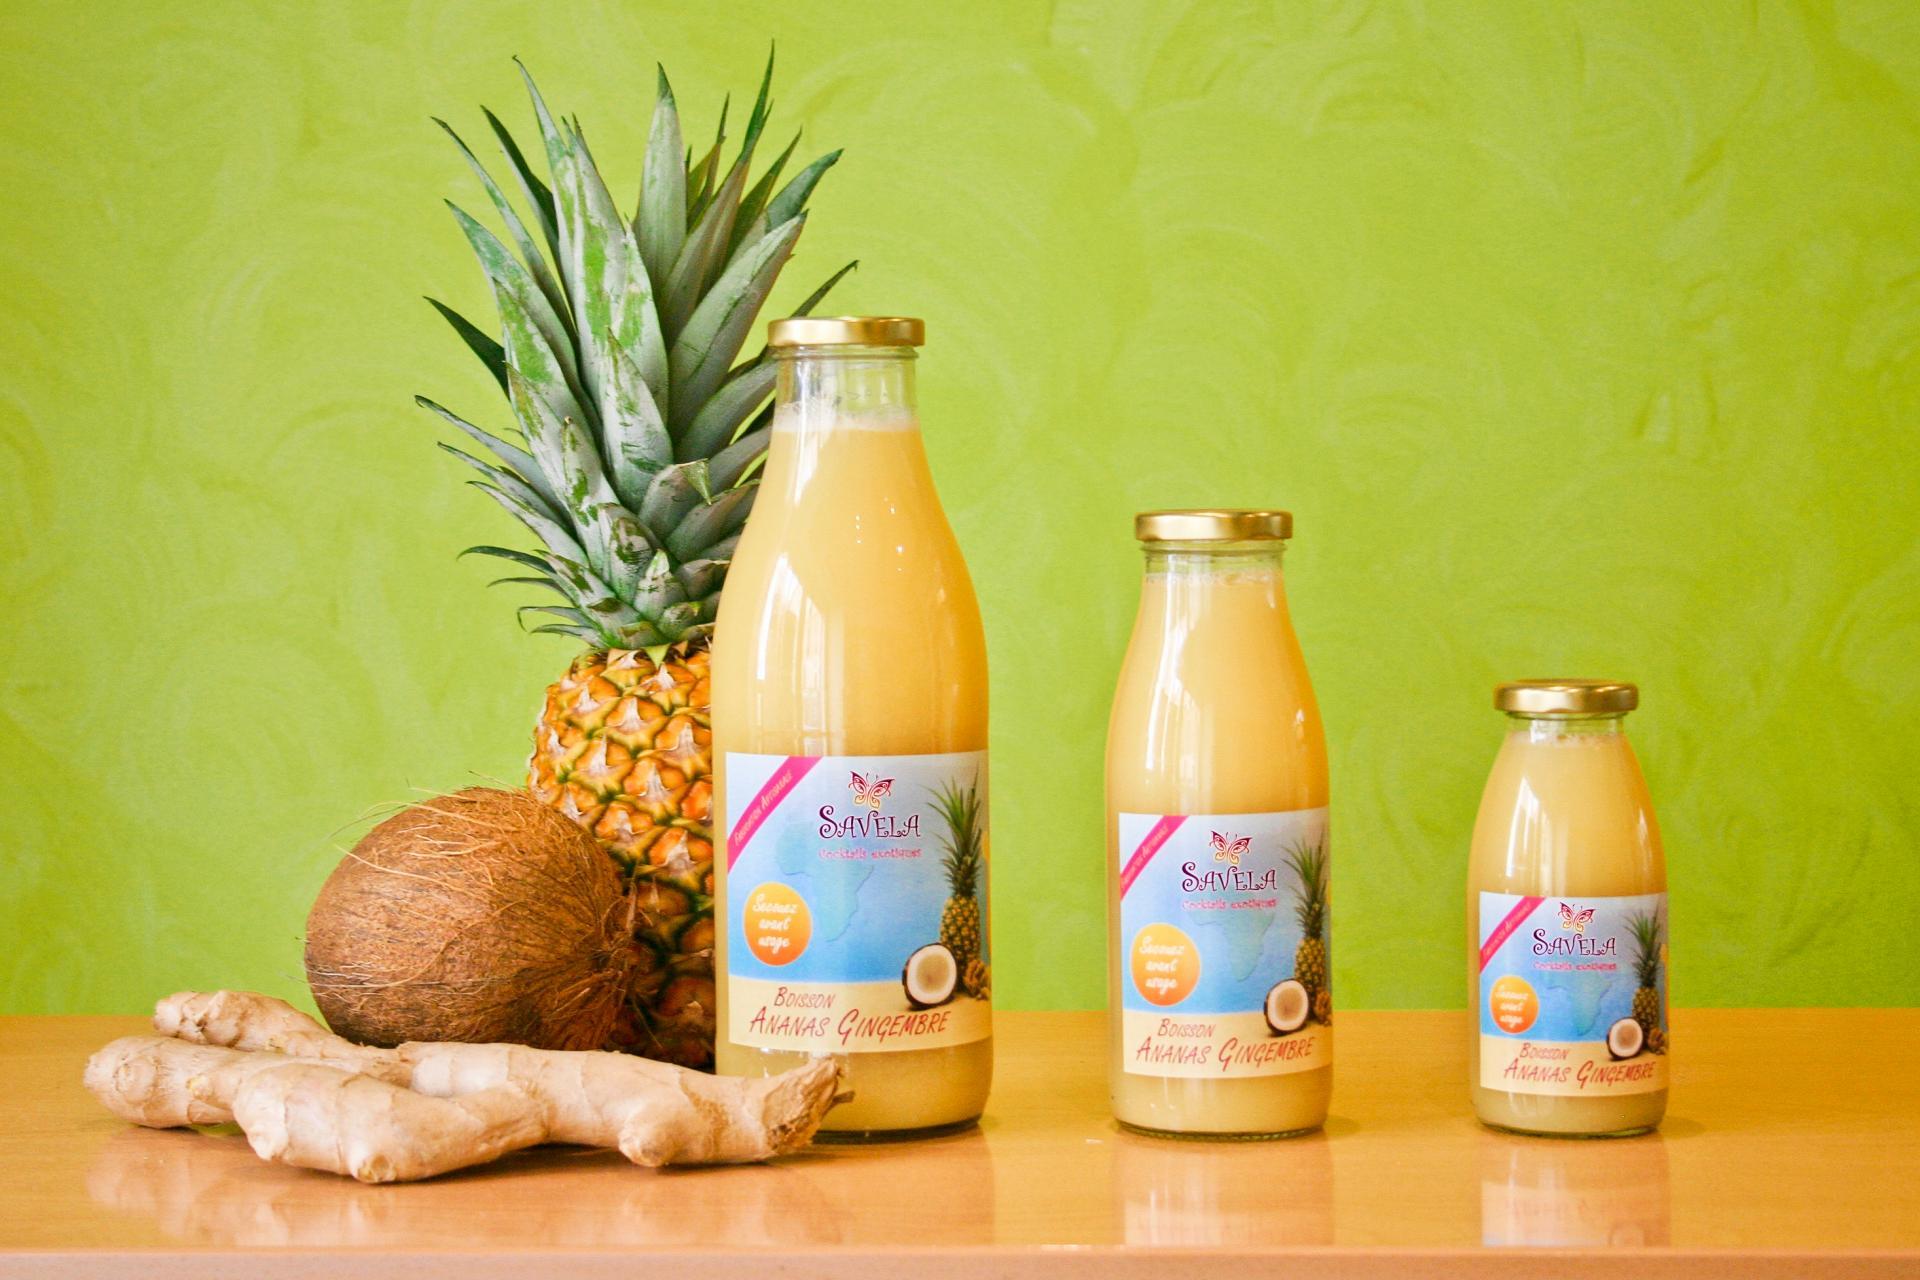 Boisson ananas-gingembre et ses ingrédients - Savela Marseille